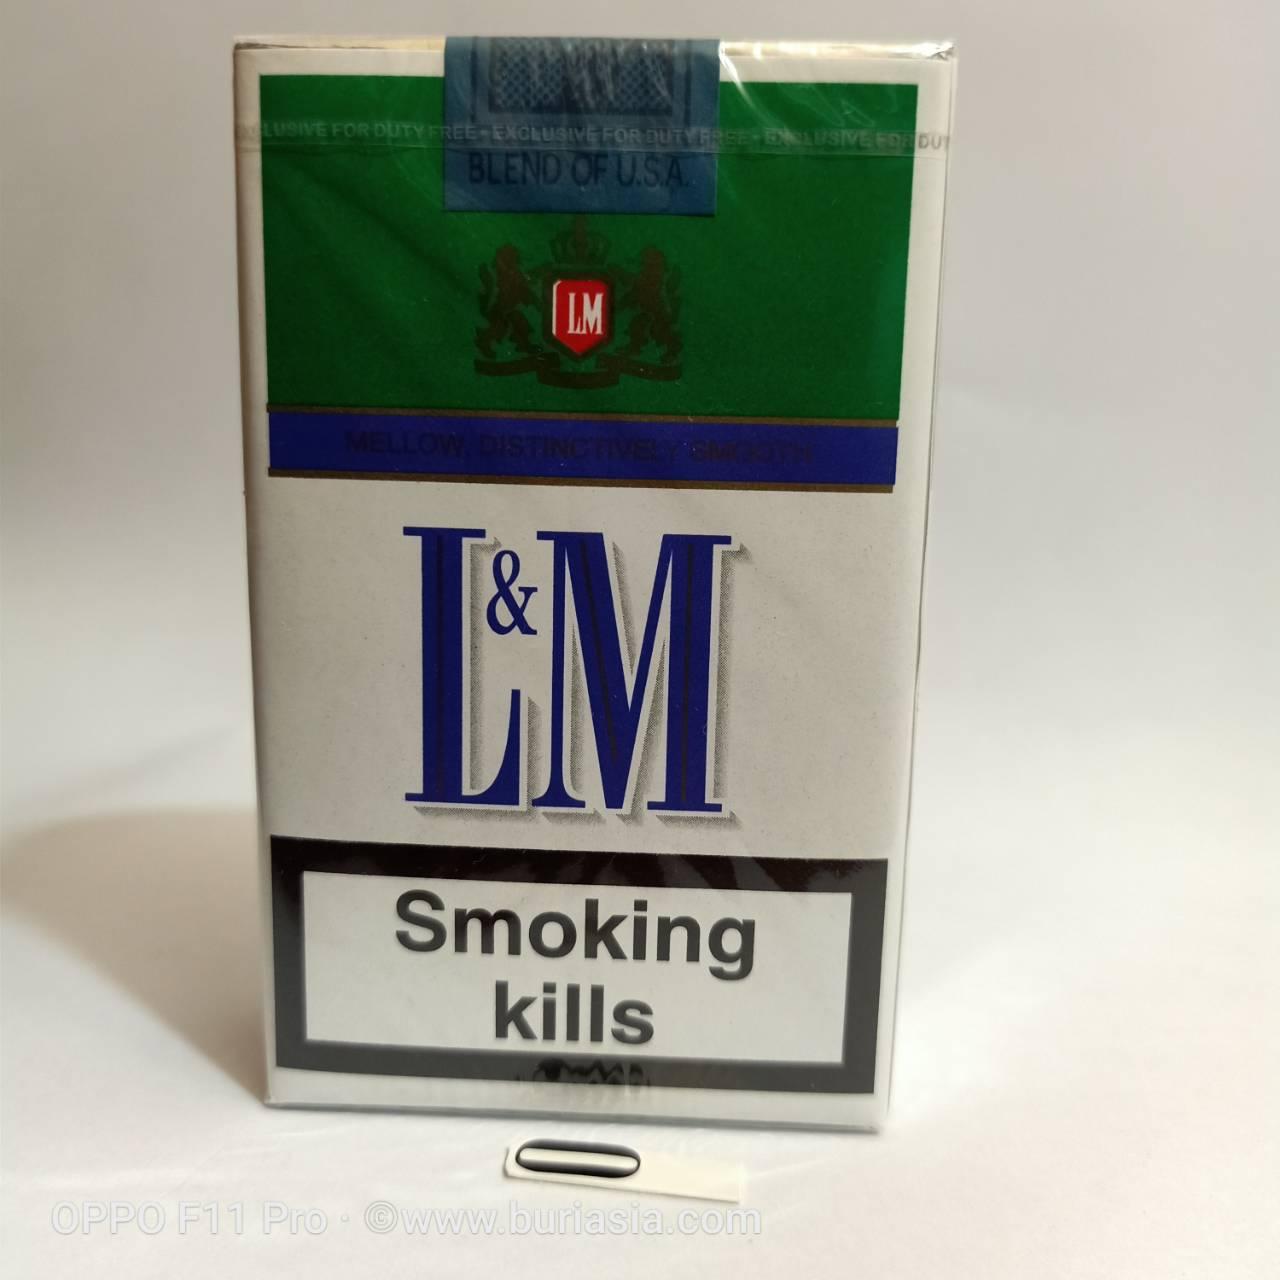 บุหรี่ LM menthol เขียว บุหรี่แอลเอม